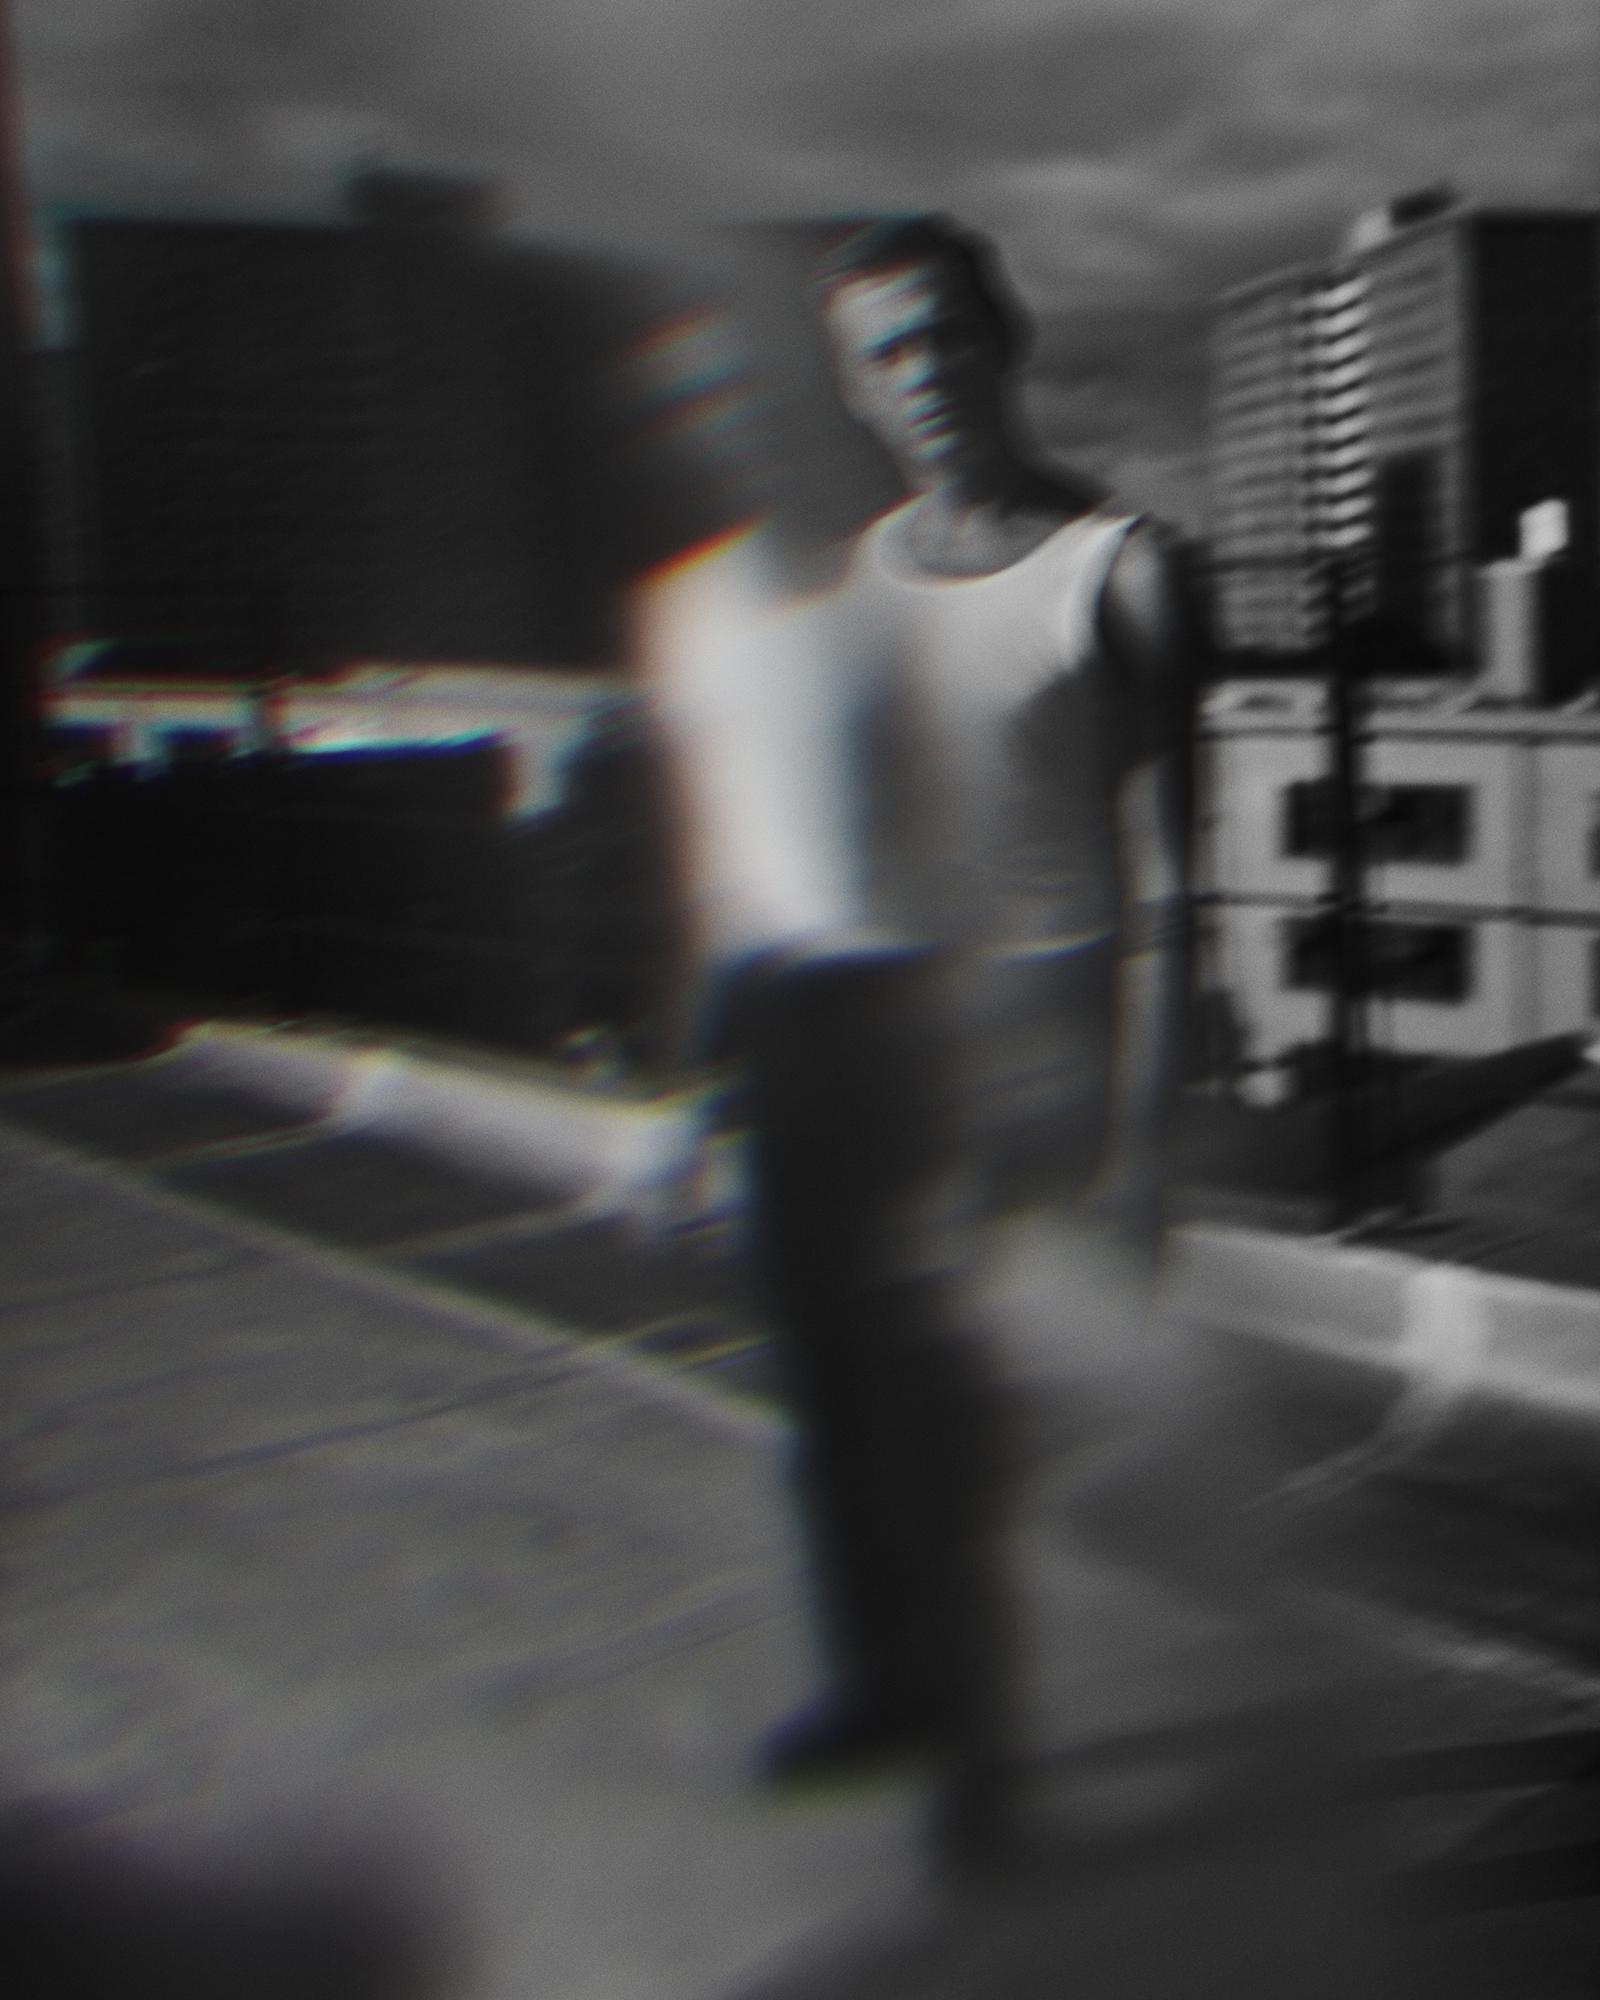 Pablo-Espinoza-Photographer-AMP-Mag-03